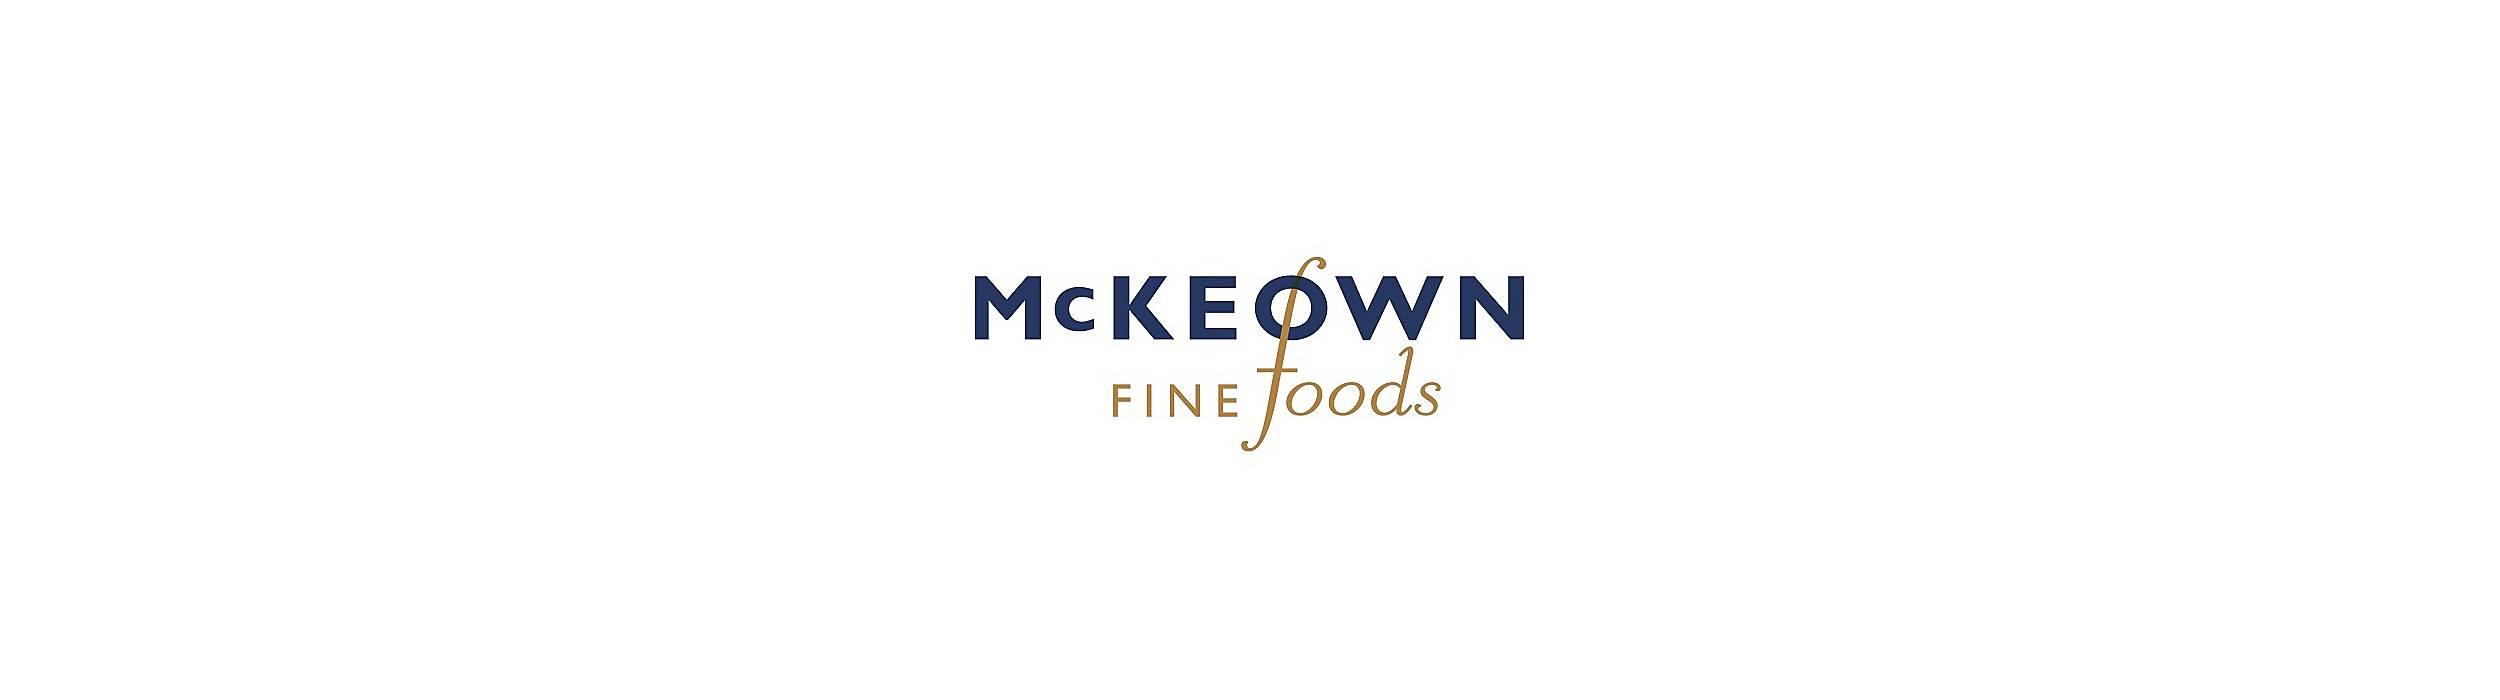 mckeown fine foods